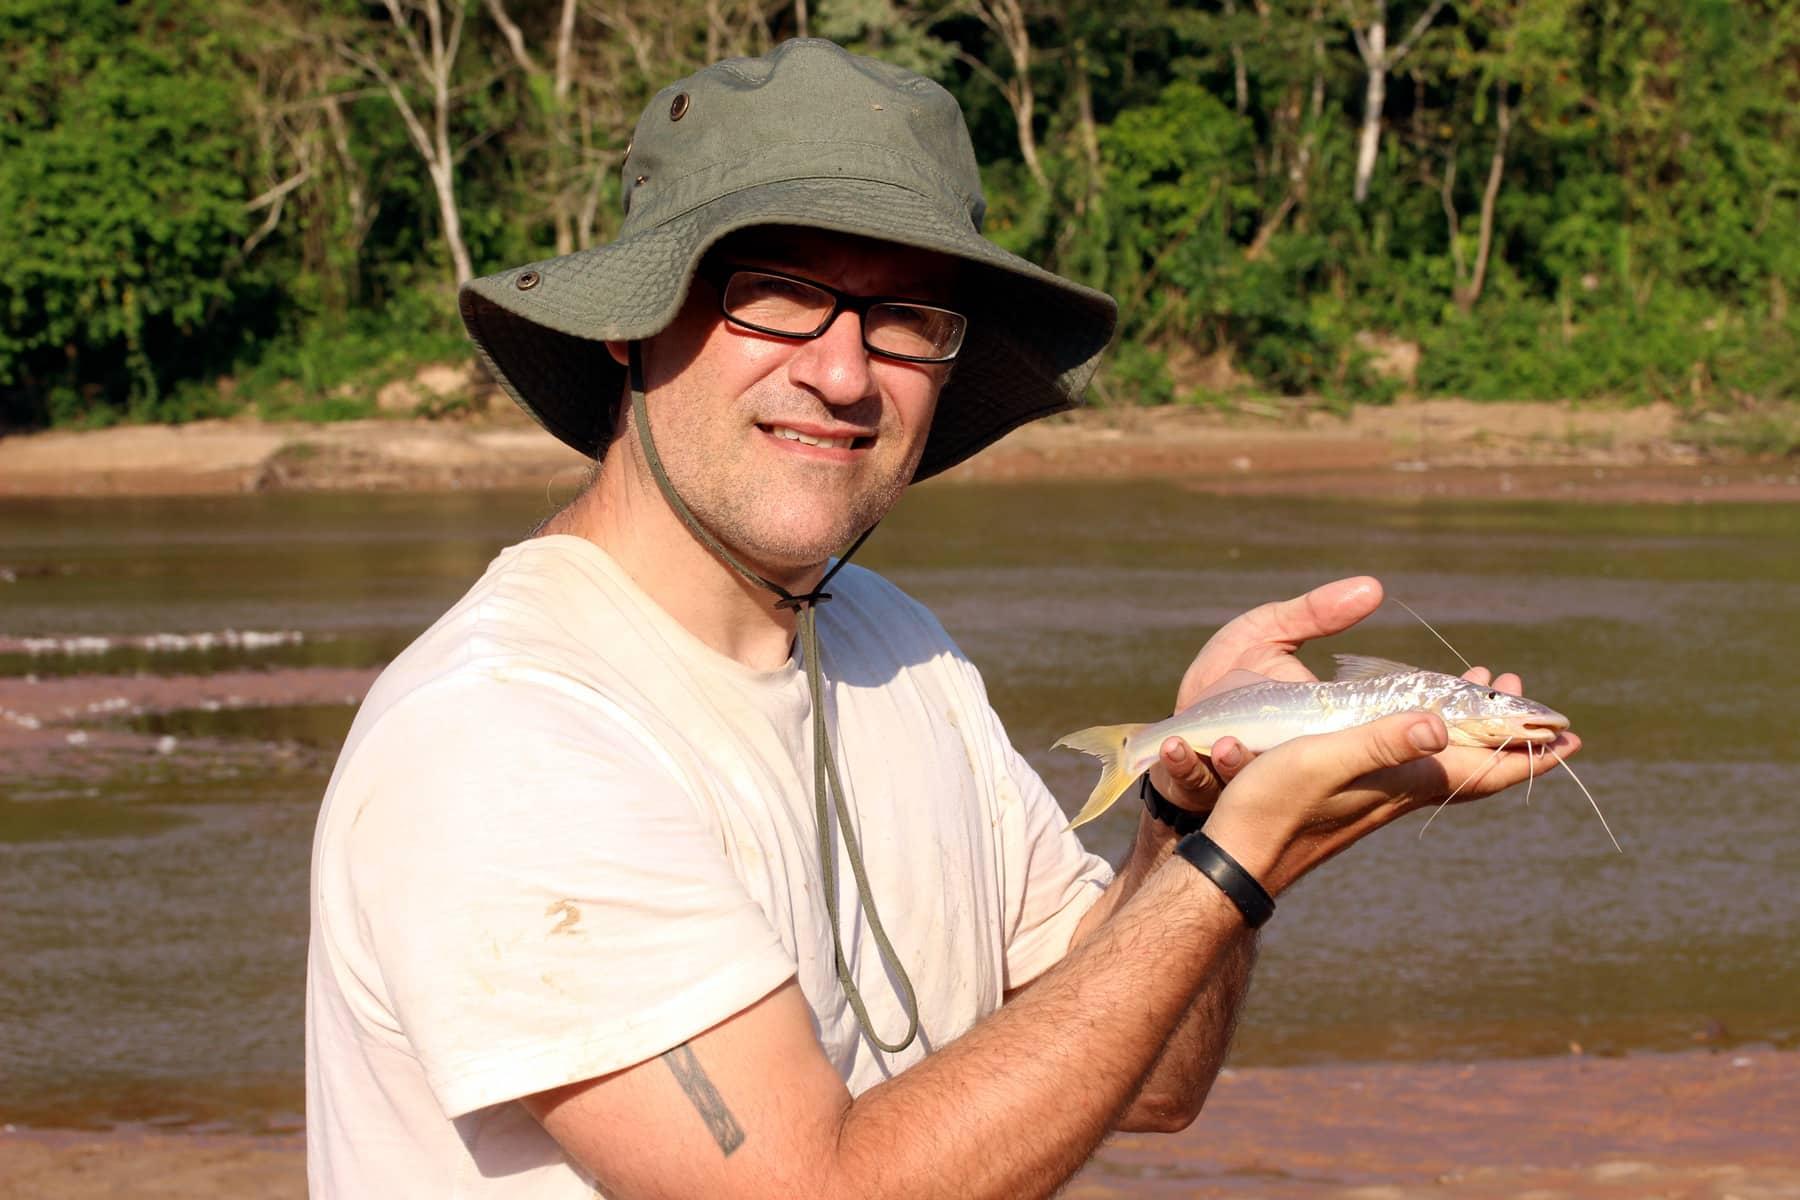 Steven Grant with Megalonema in Bolivia from Daniel Konn-Vetterlein